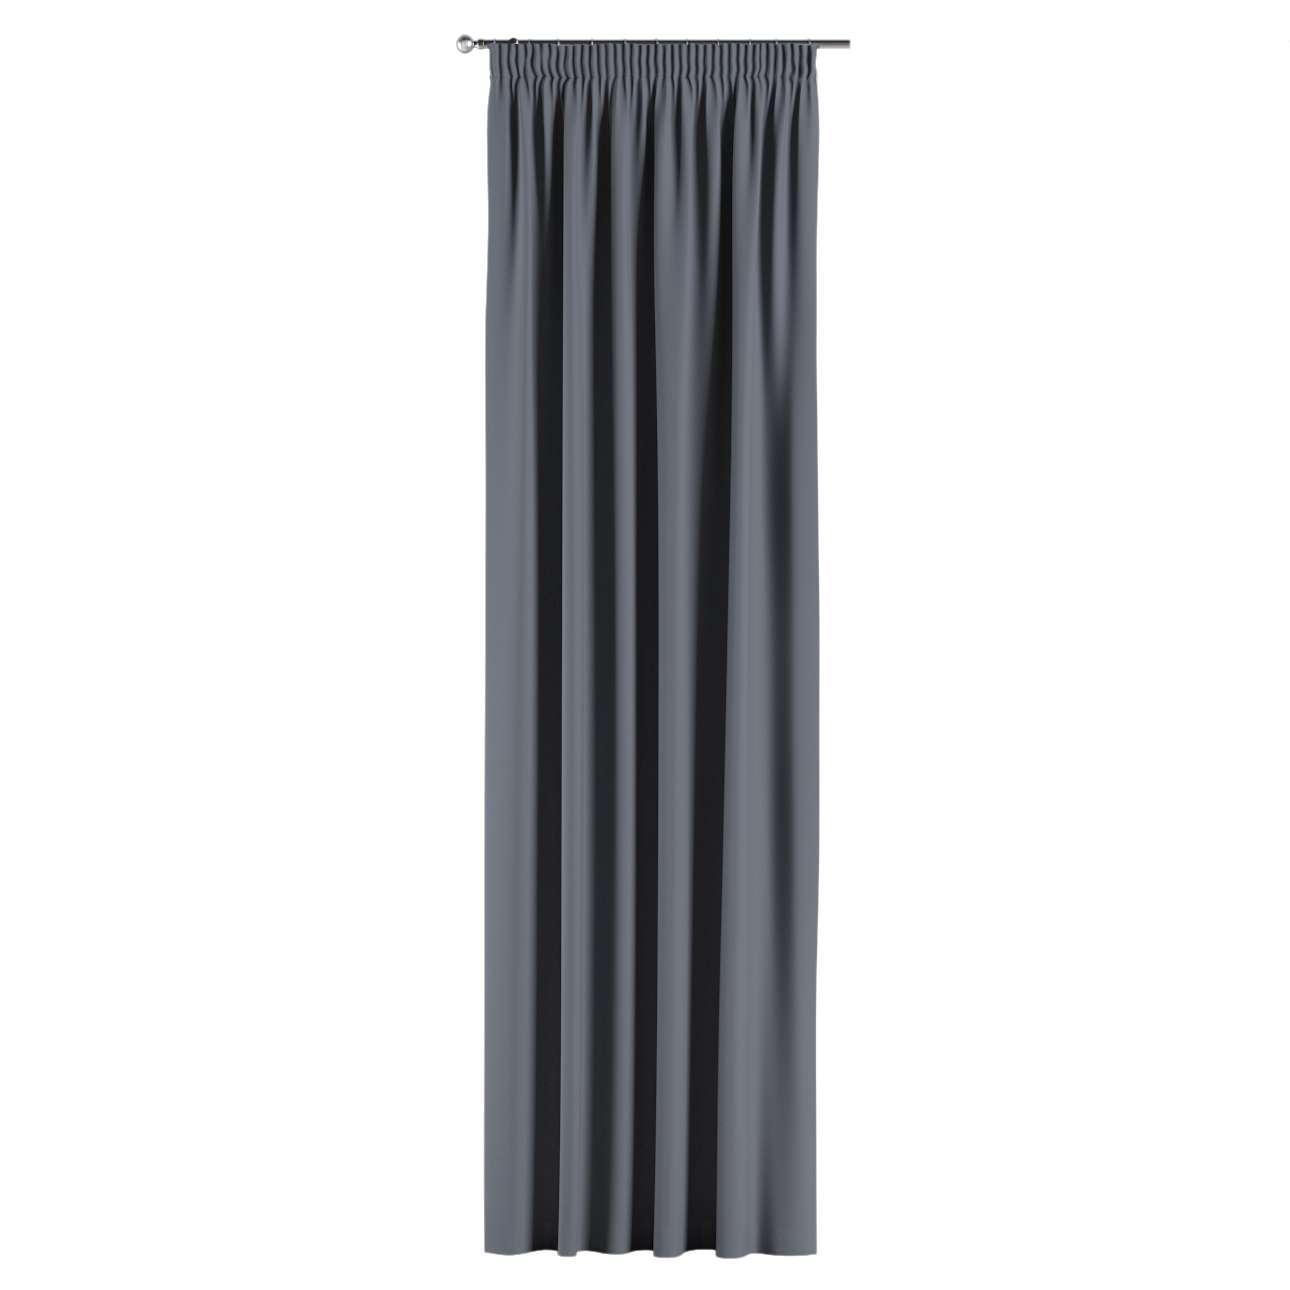 Závěs zatemňující na řasící pásce 140x260 cm v kolekci Blackout, látka: 269-76